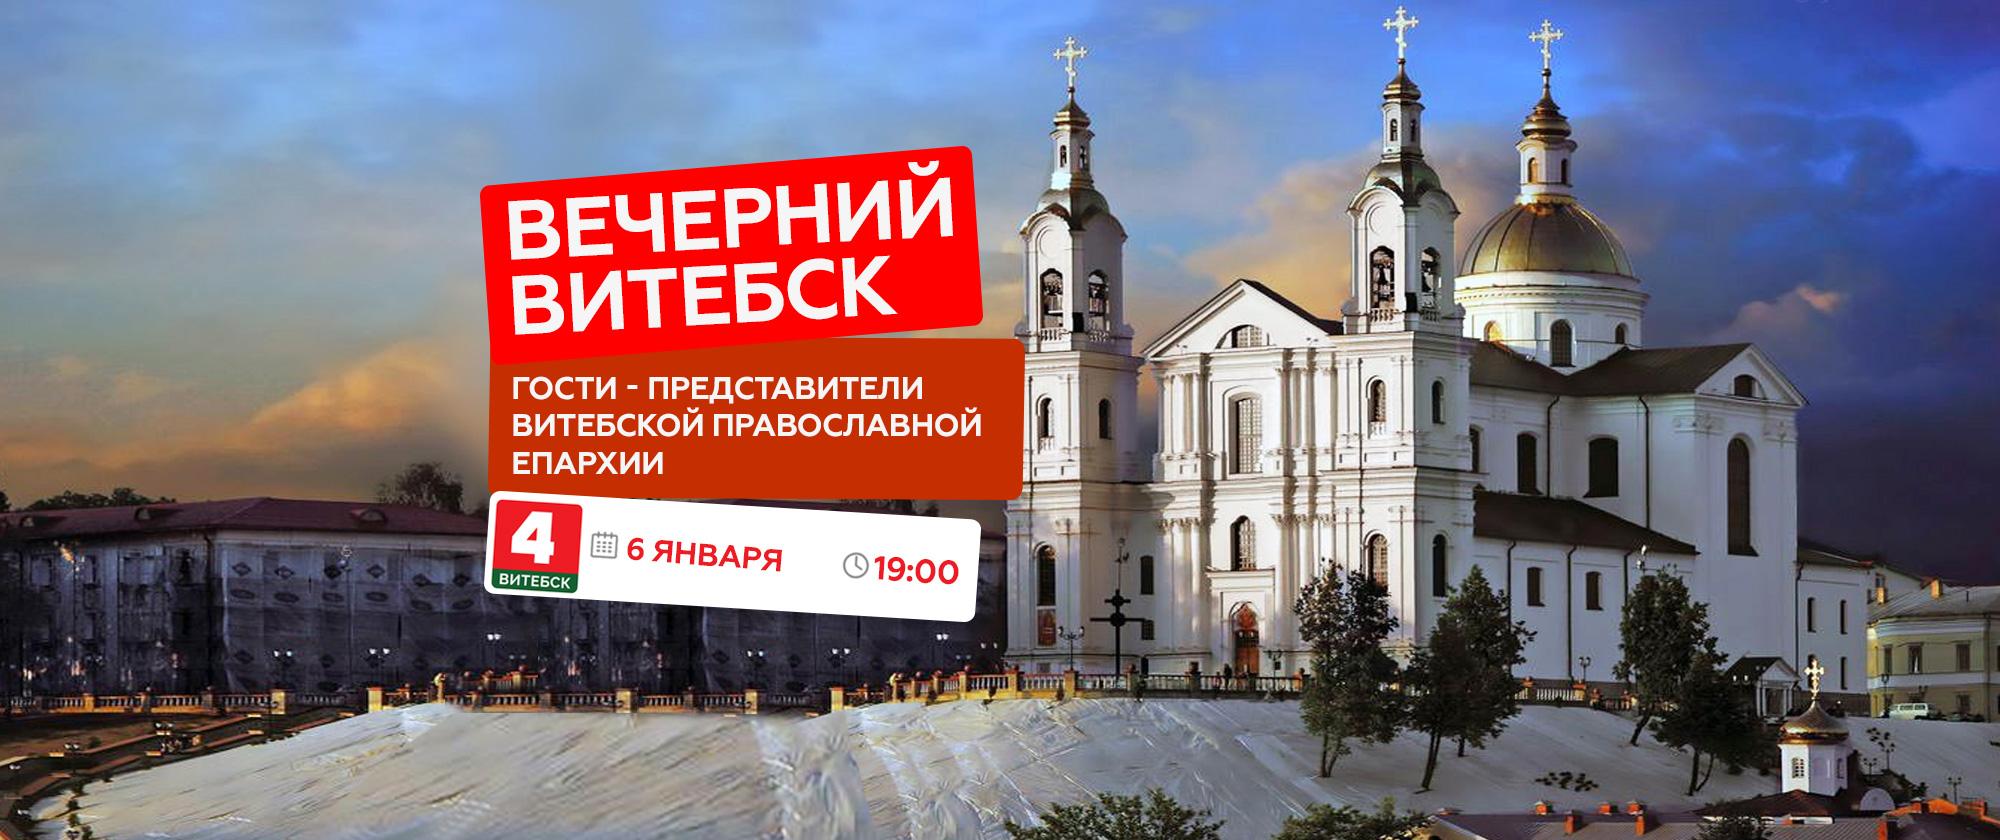 vechernij vitebsk 6 janvarja - Вечерний-Витебск-6-января